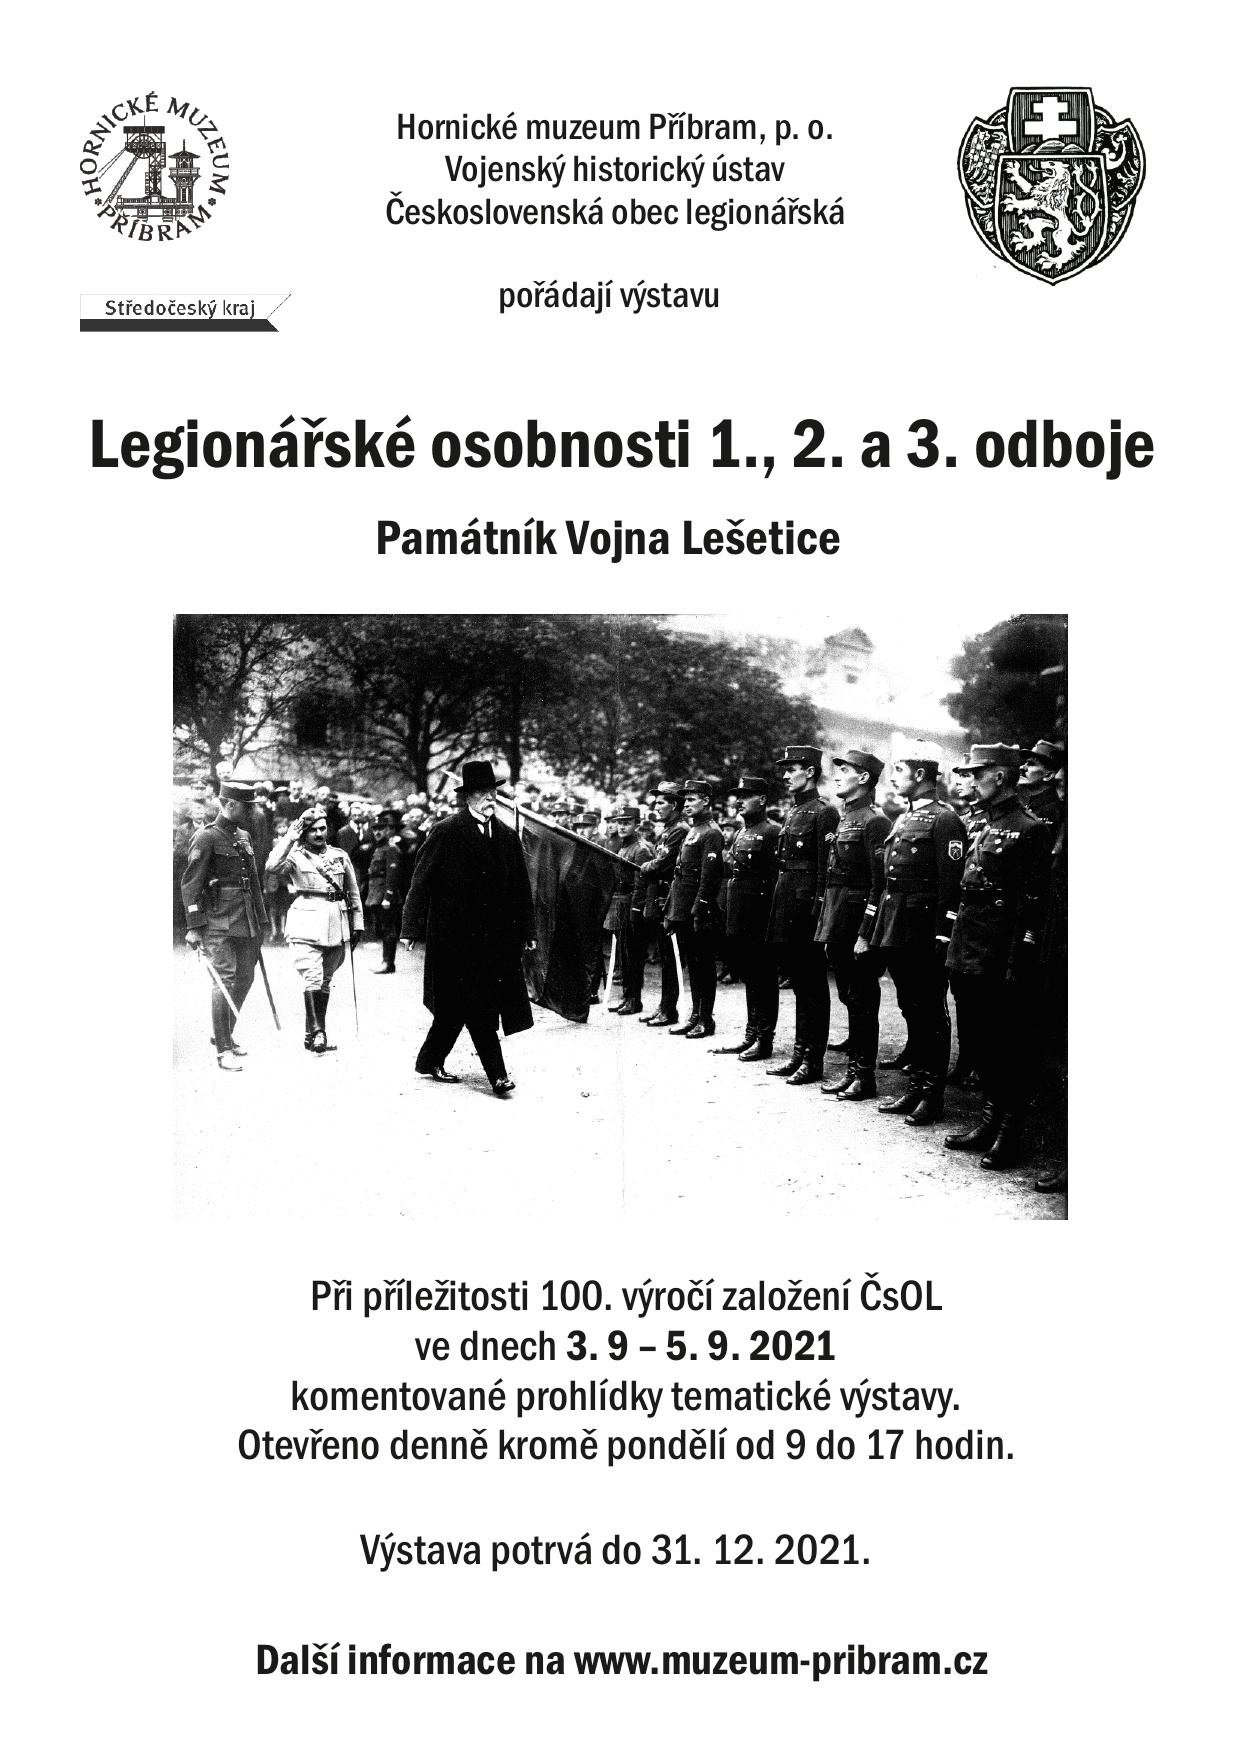 Výstava: Legionářské osobnosti 1., 2. a 3. odboje